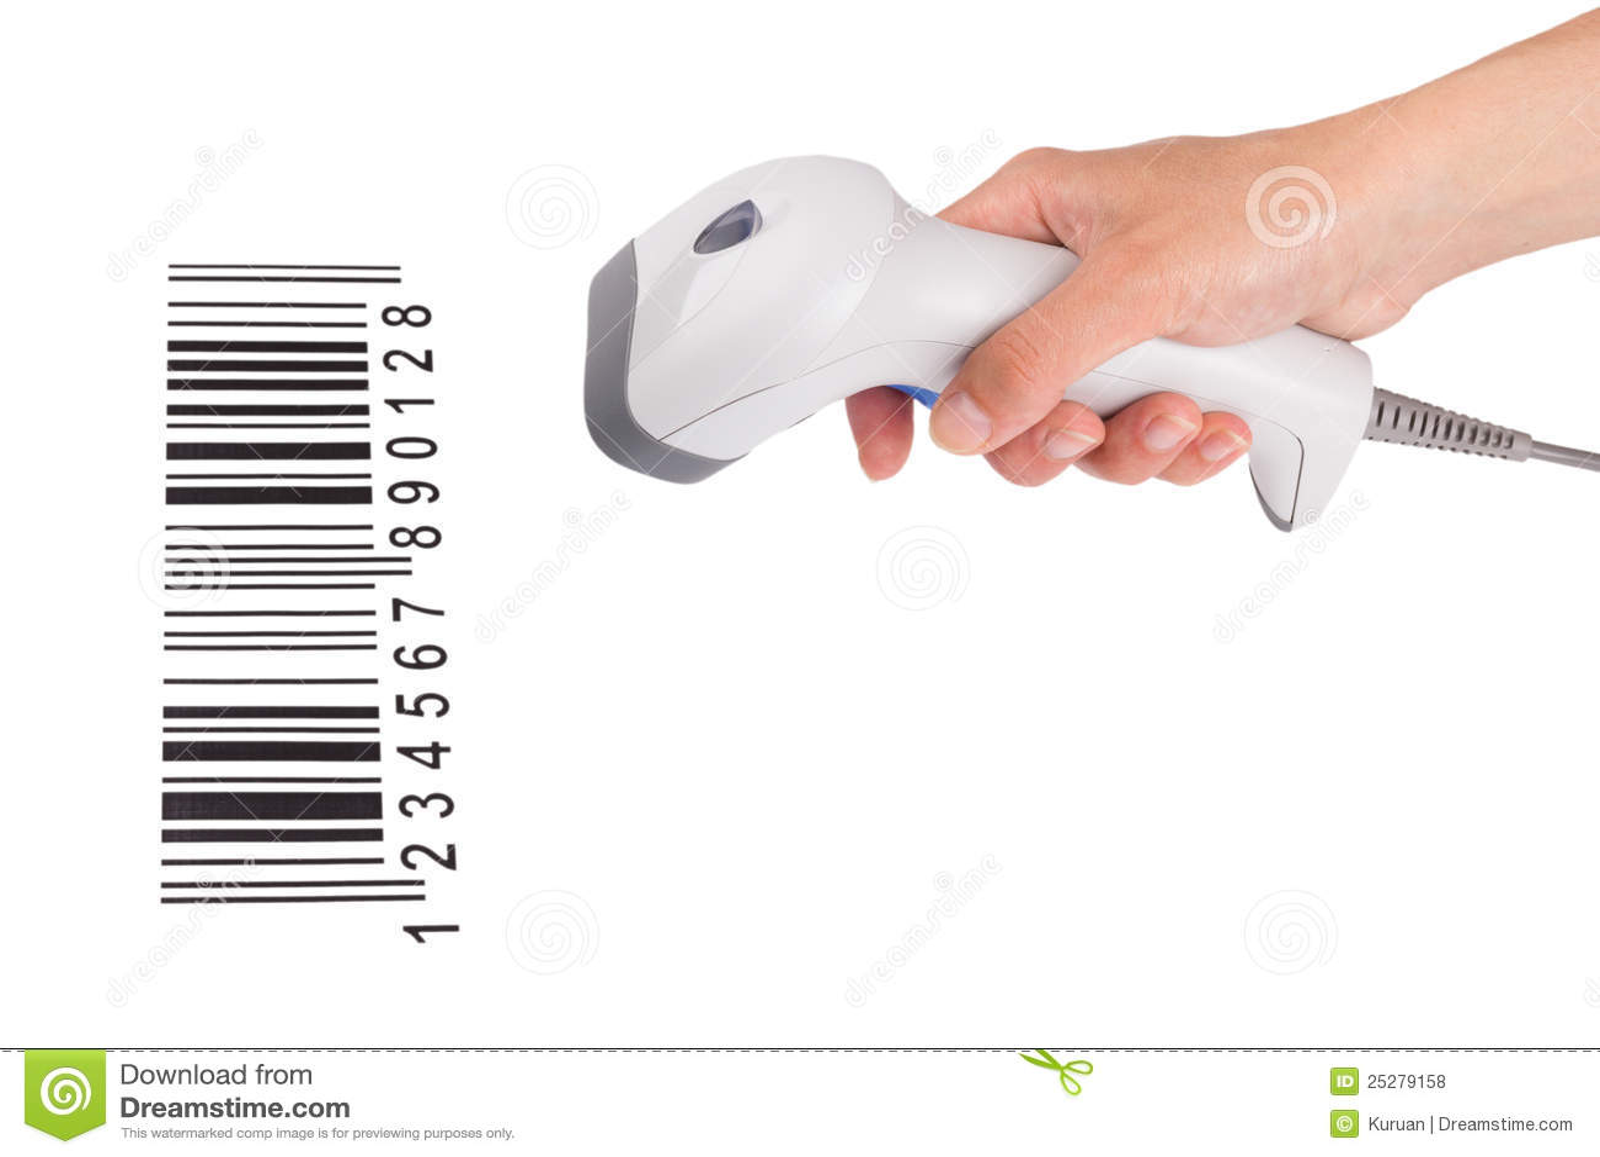 ράβδων χειρωνακτικός σαρωτής χεριών κώδικα θηλυκός